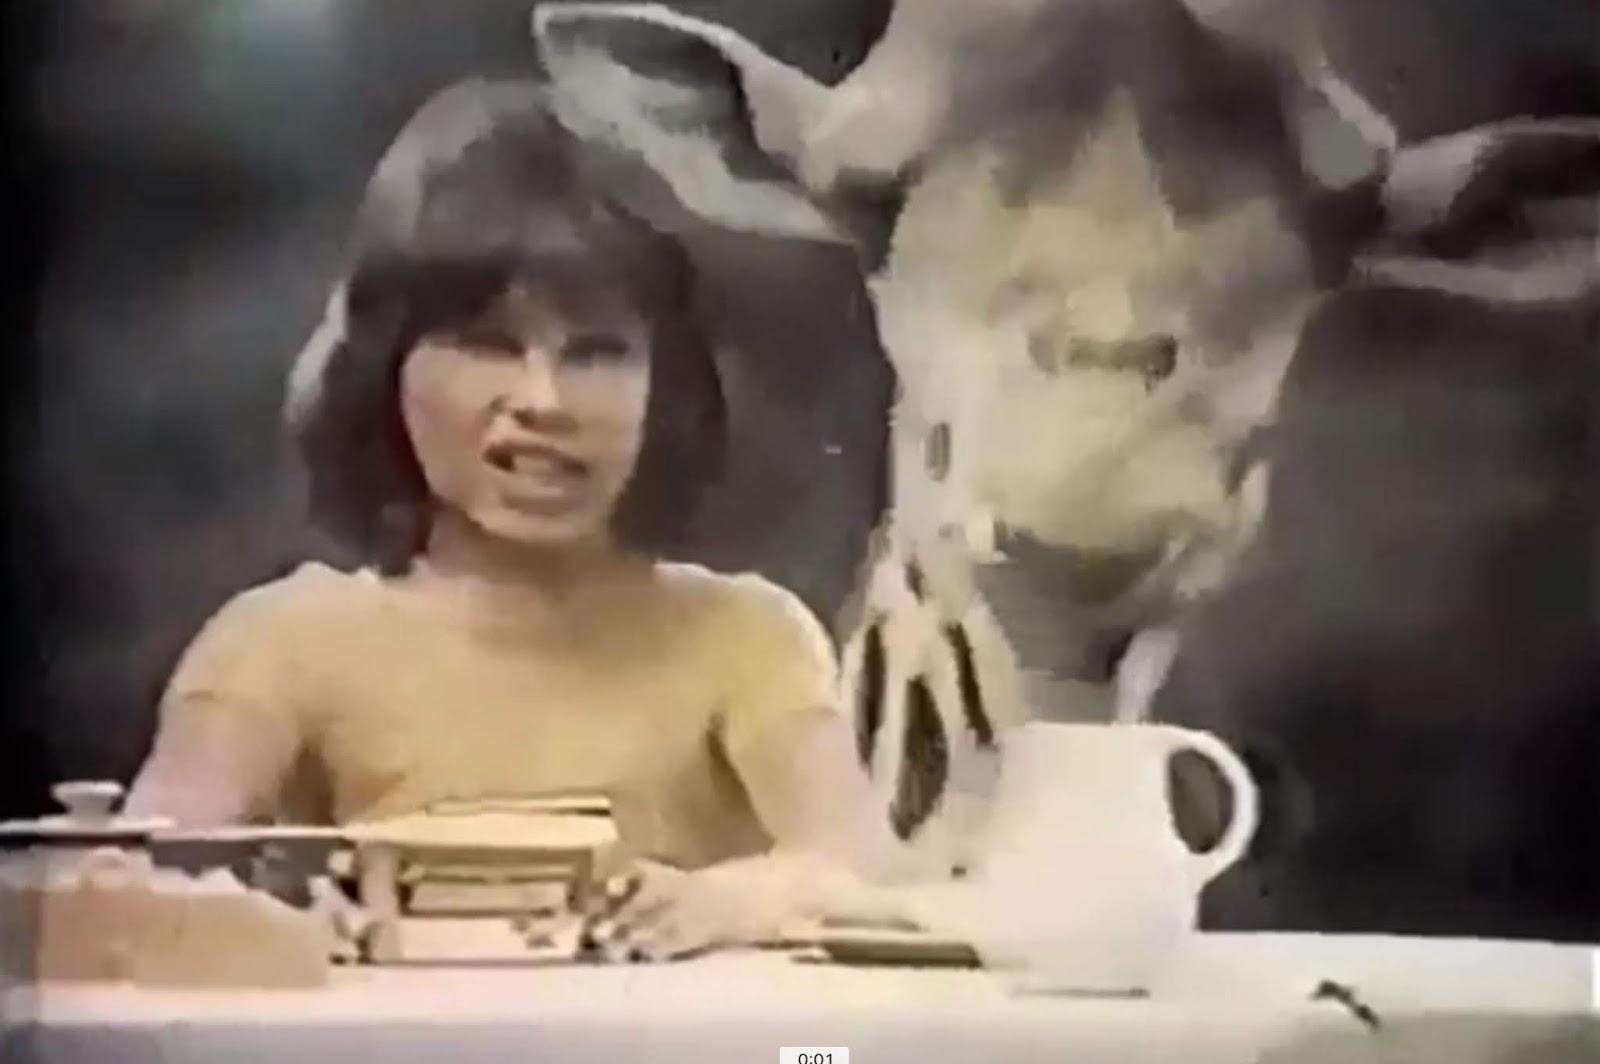 Campanha de lançamento do creme de amendoim Amendocrem em meados dos anos 70